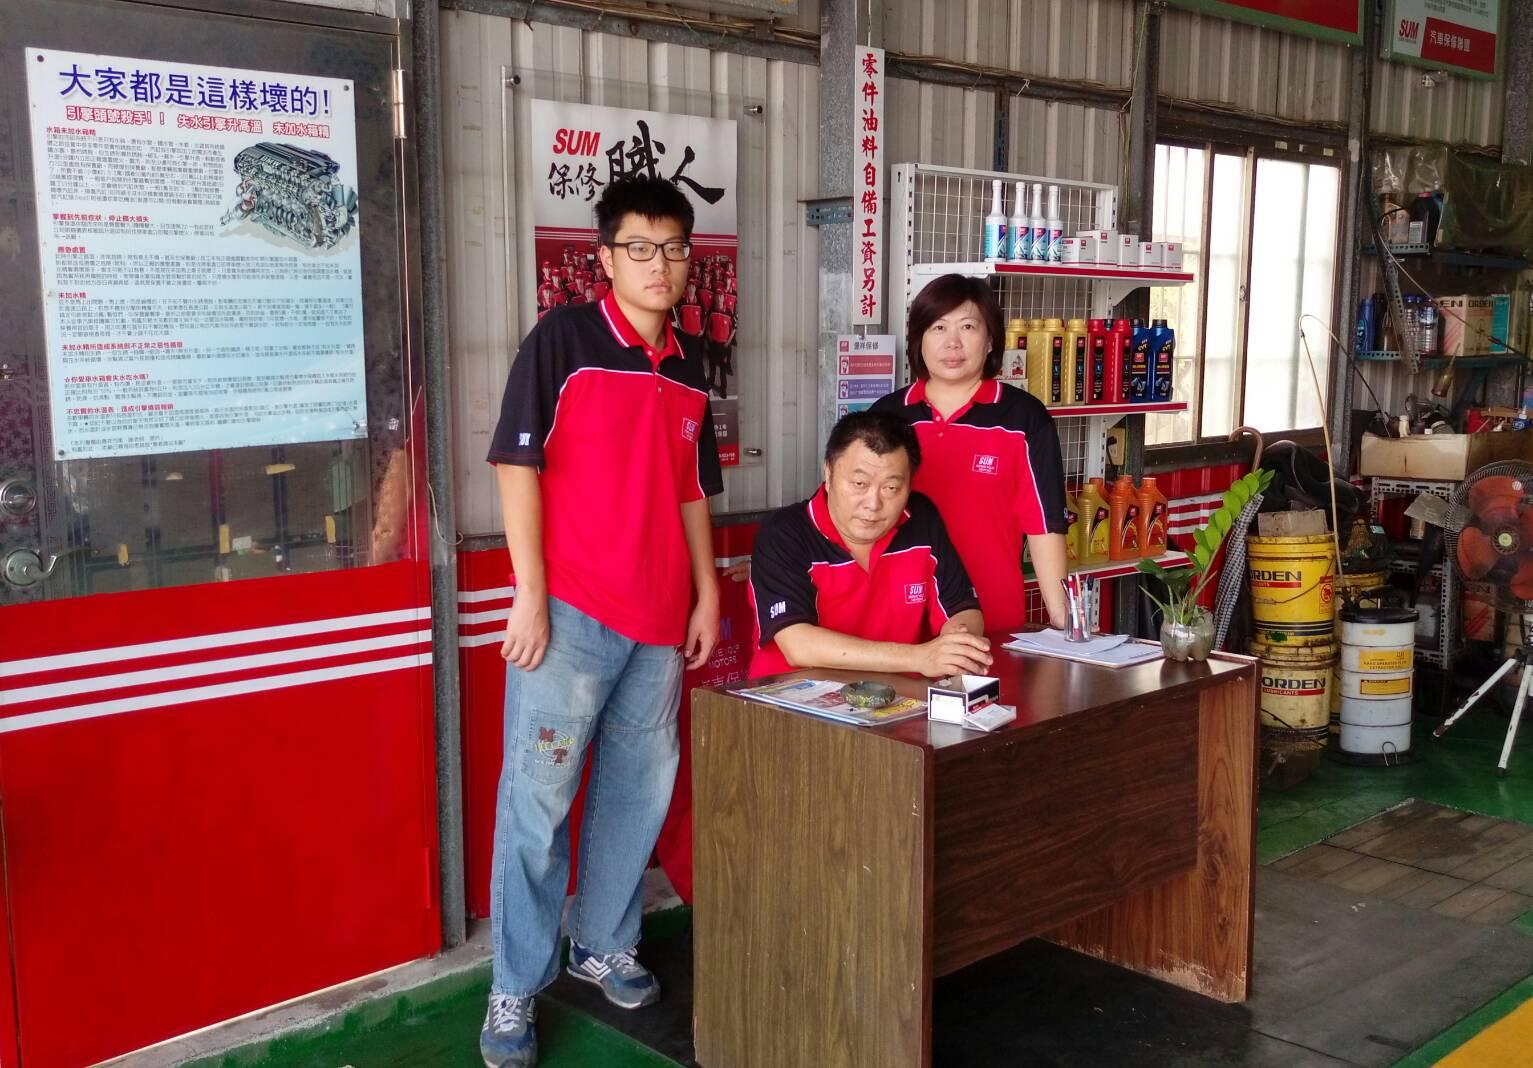 台南市南區推薦修車廠億祥汽機車保修老闆與師父